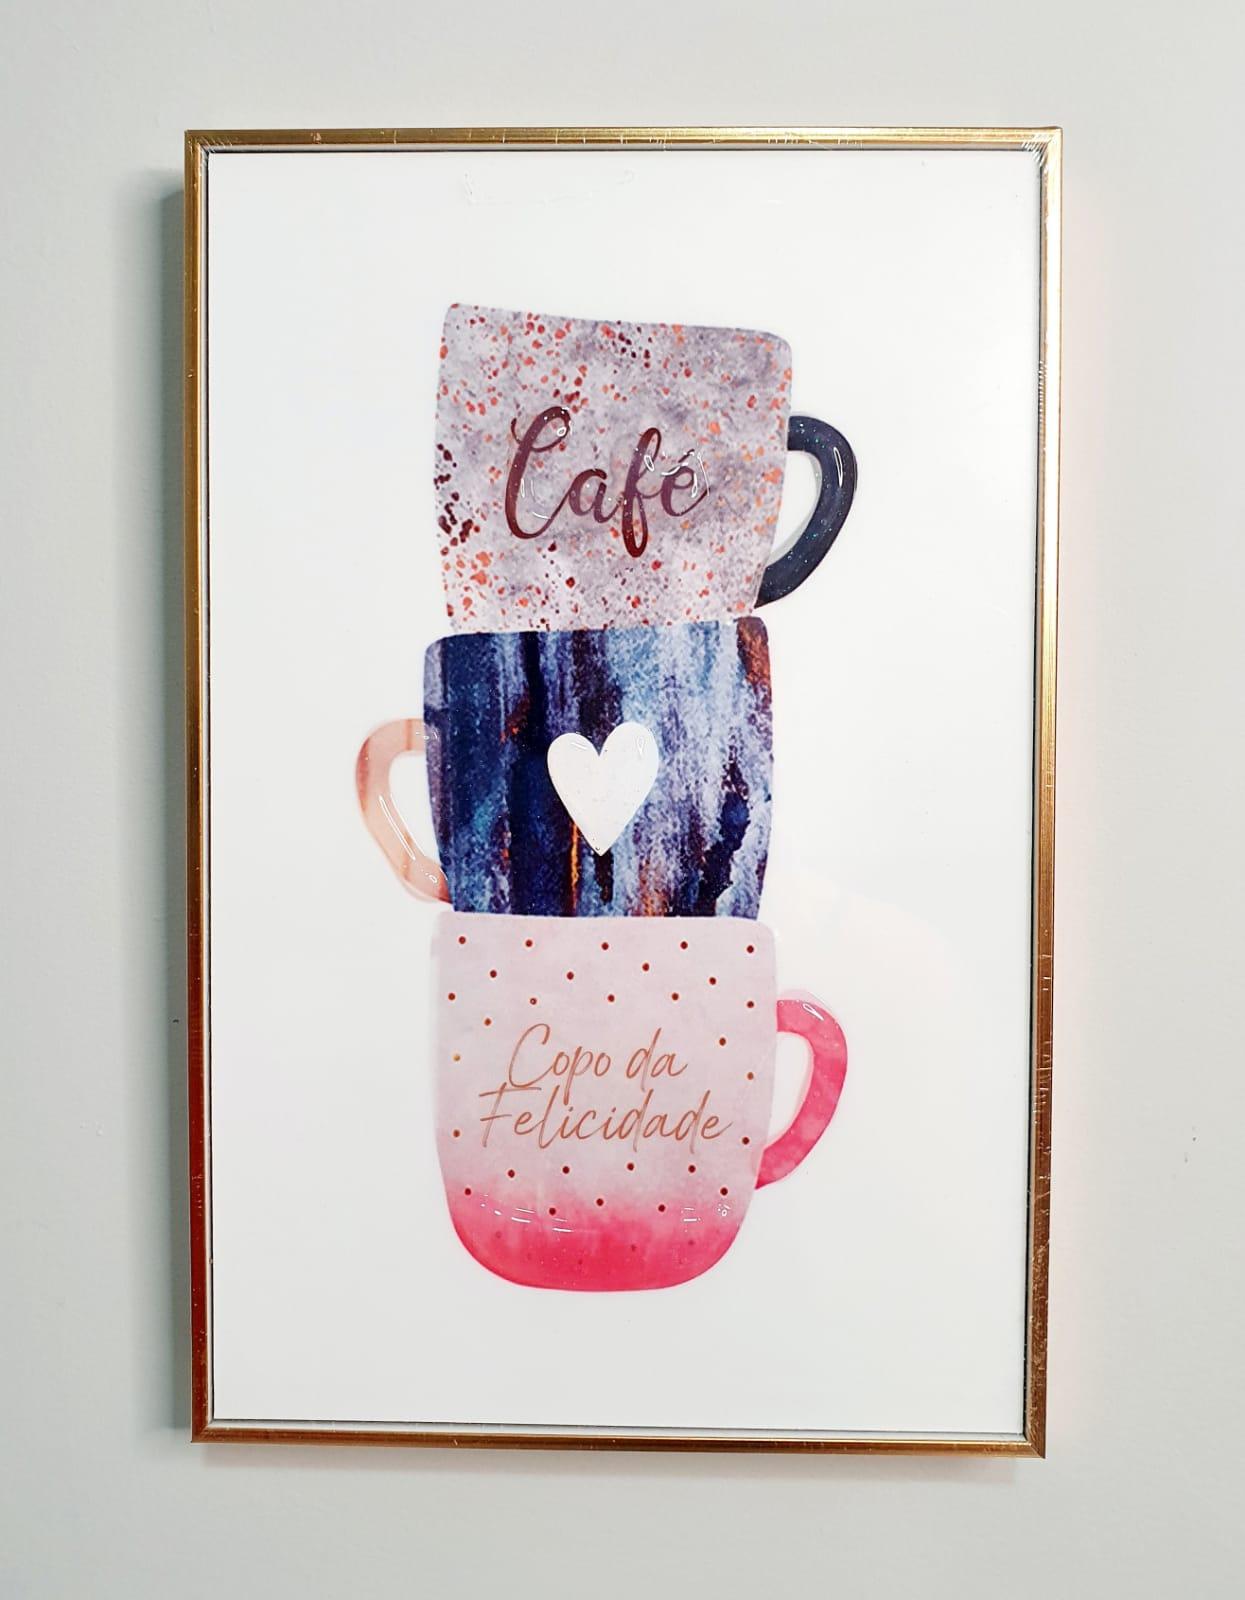 Quadro decorativo com moldura rose gold - Café Copo da felicidade.